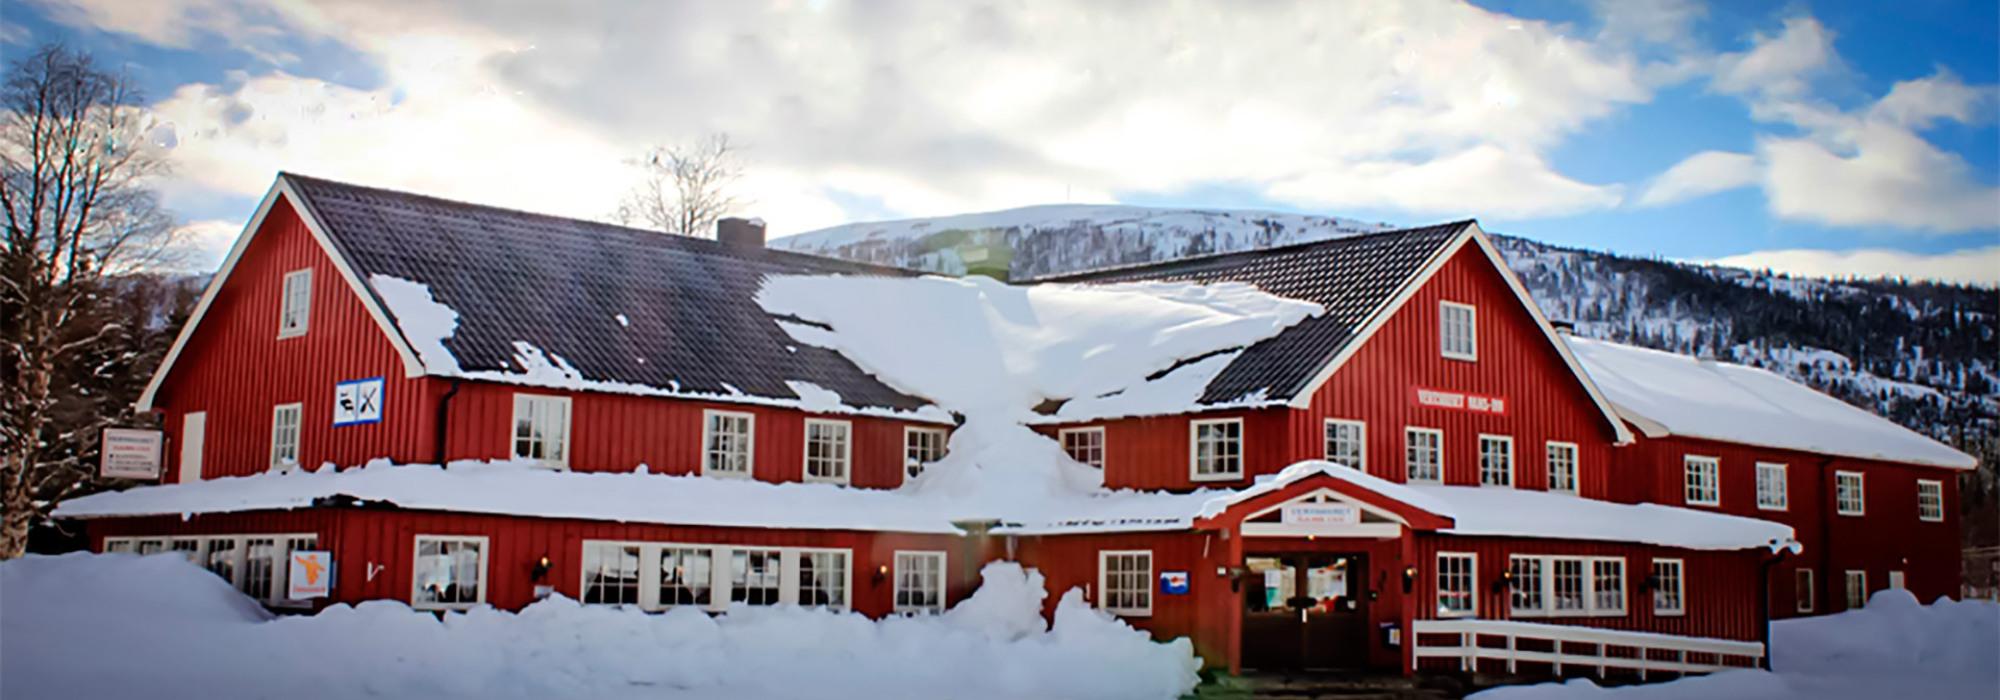 Vertshuset Nams-inn